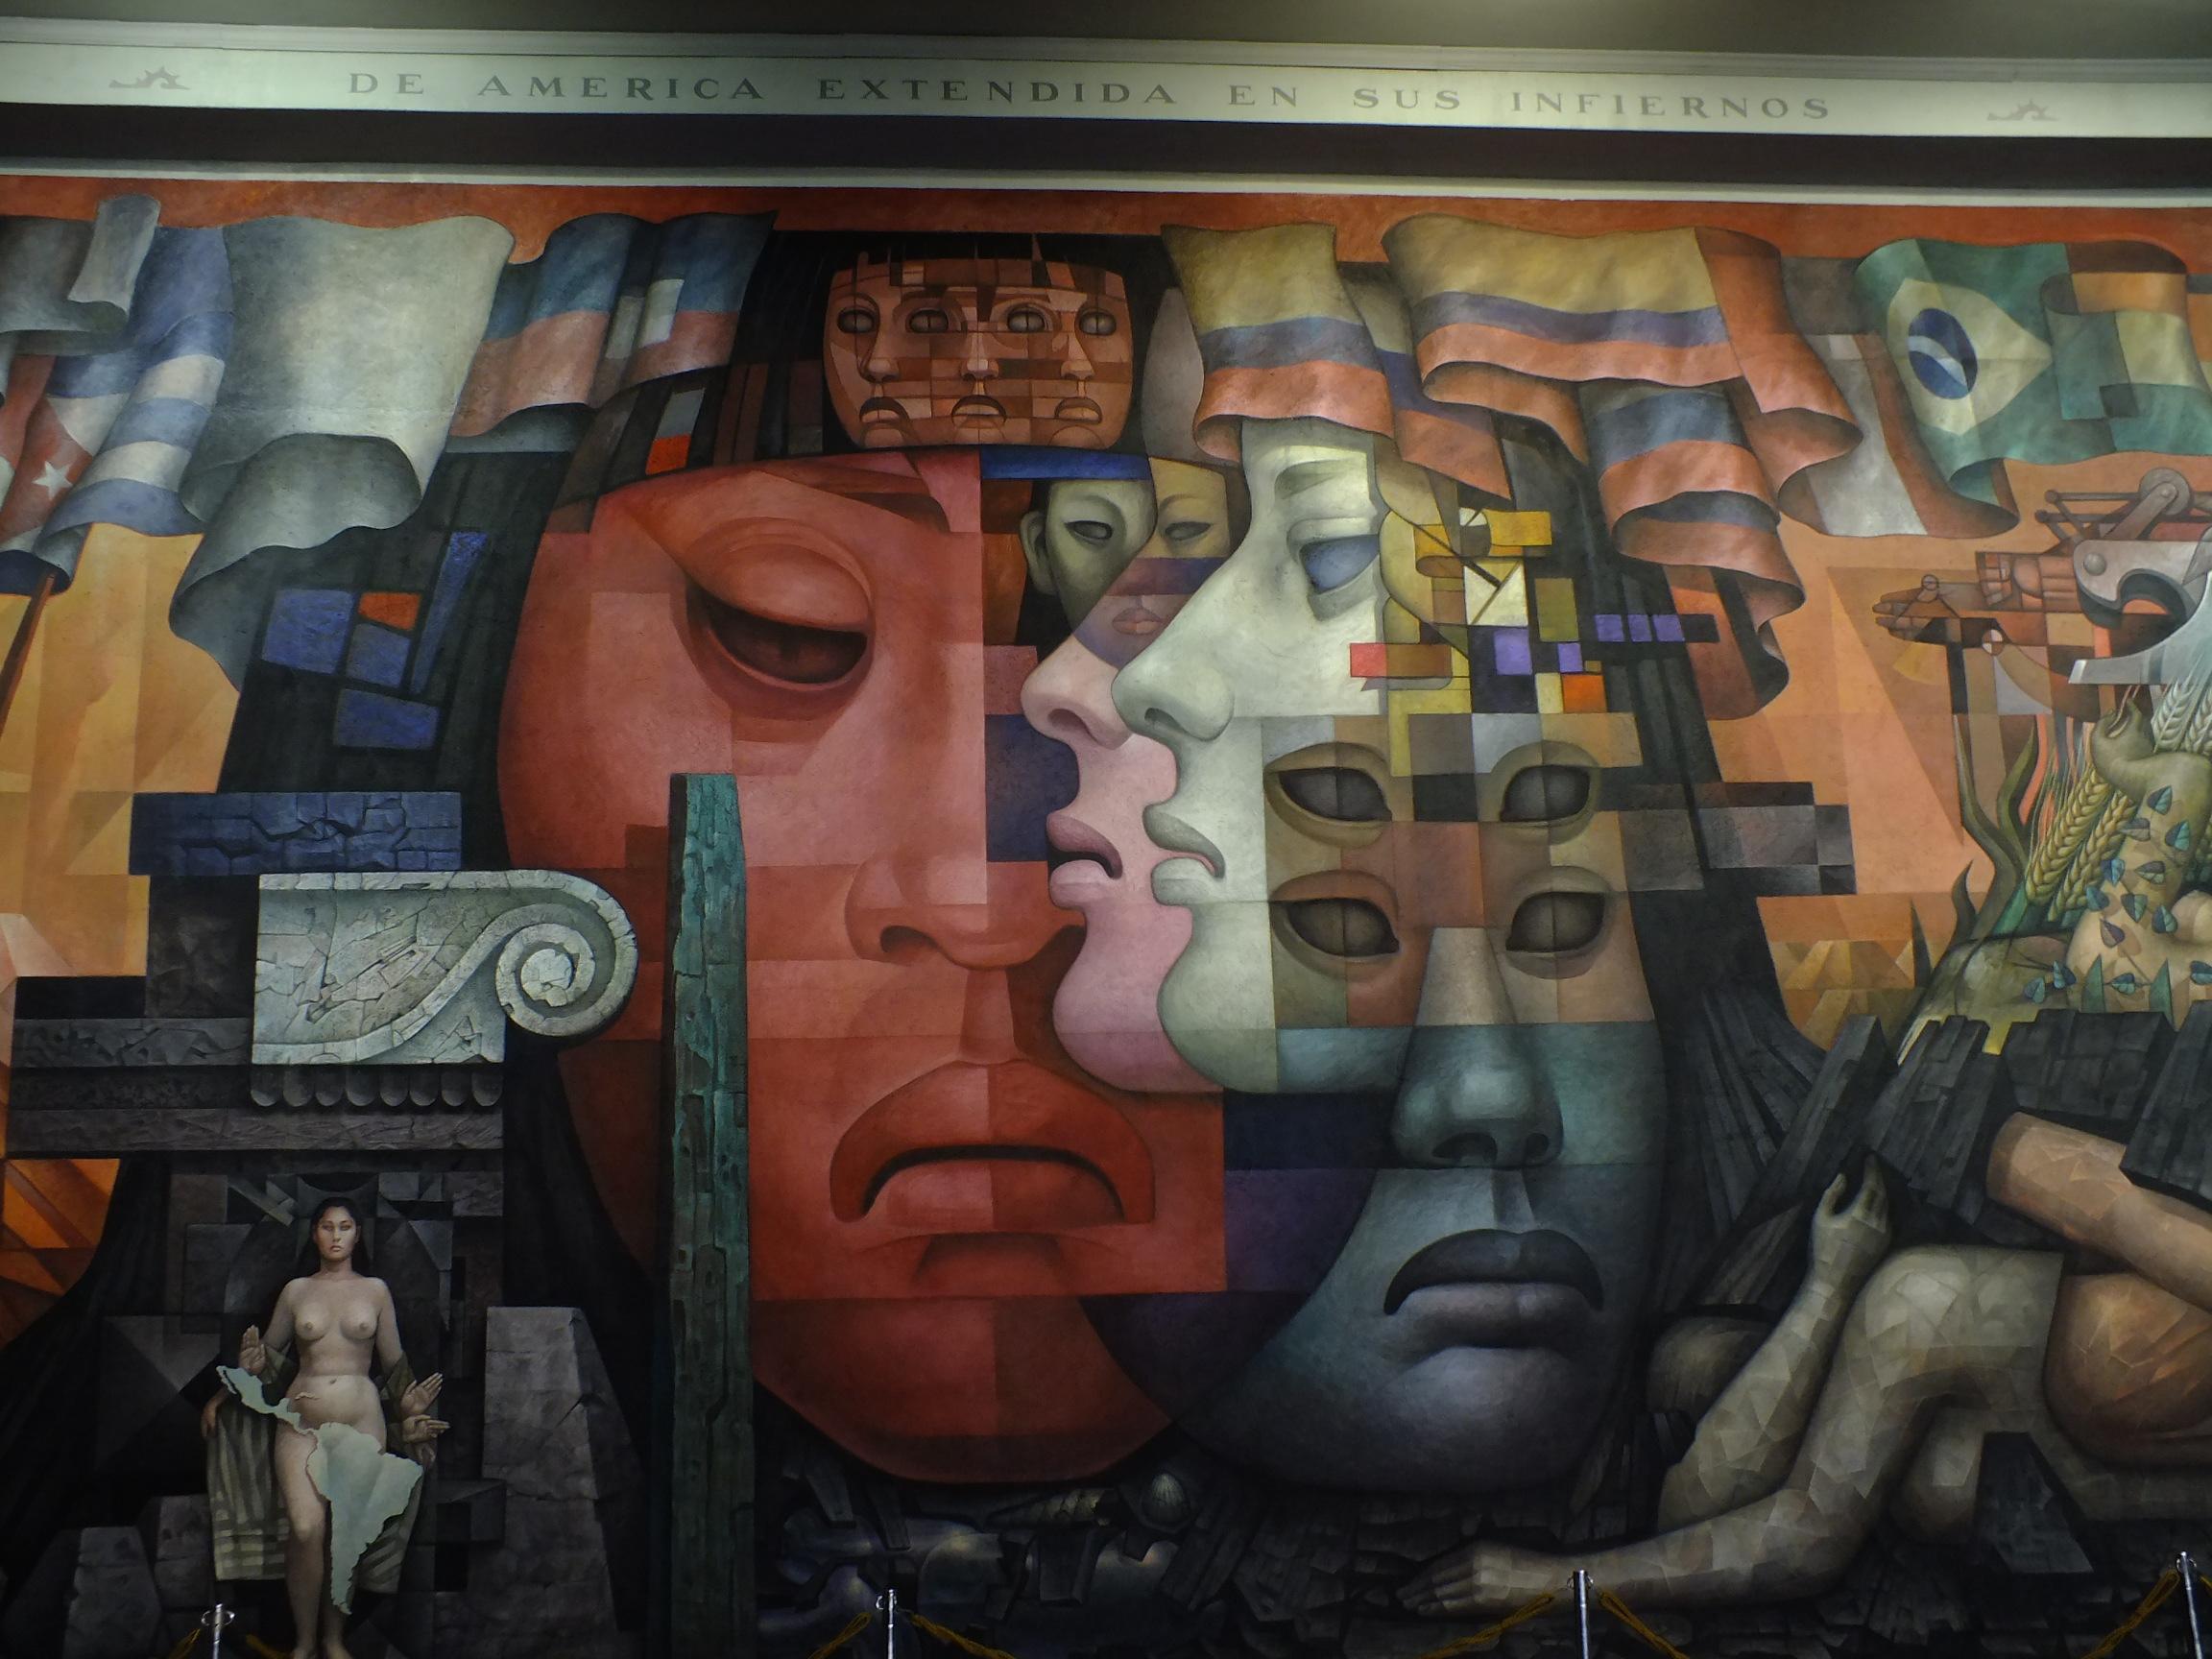 File Mural Presencia De America Latina 04 Jpg Wikipedia